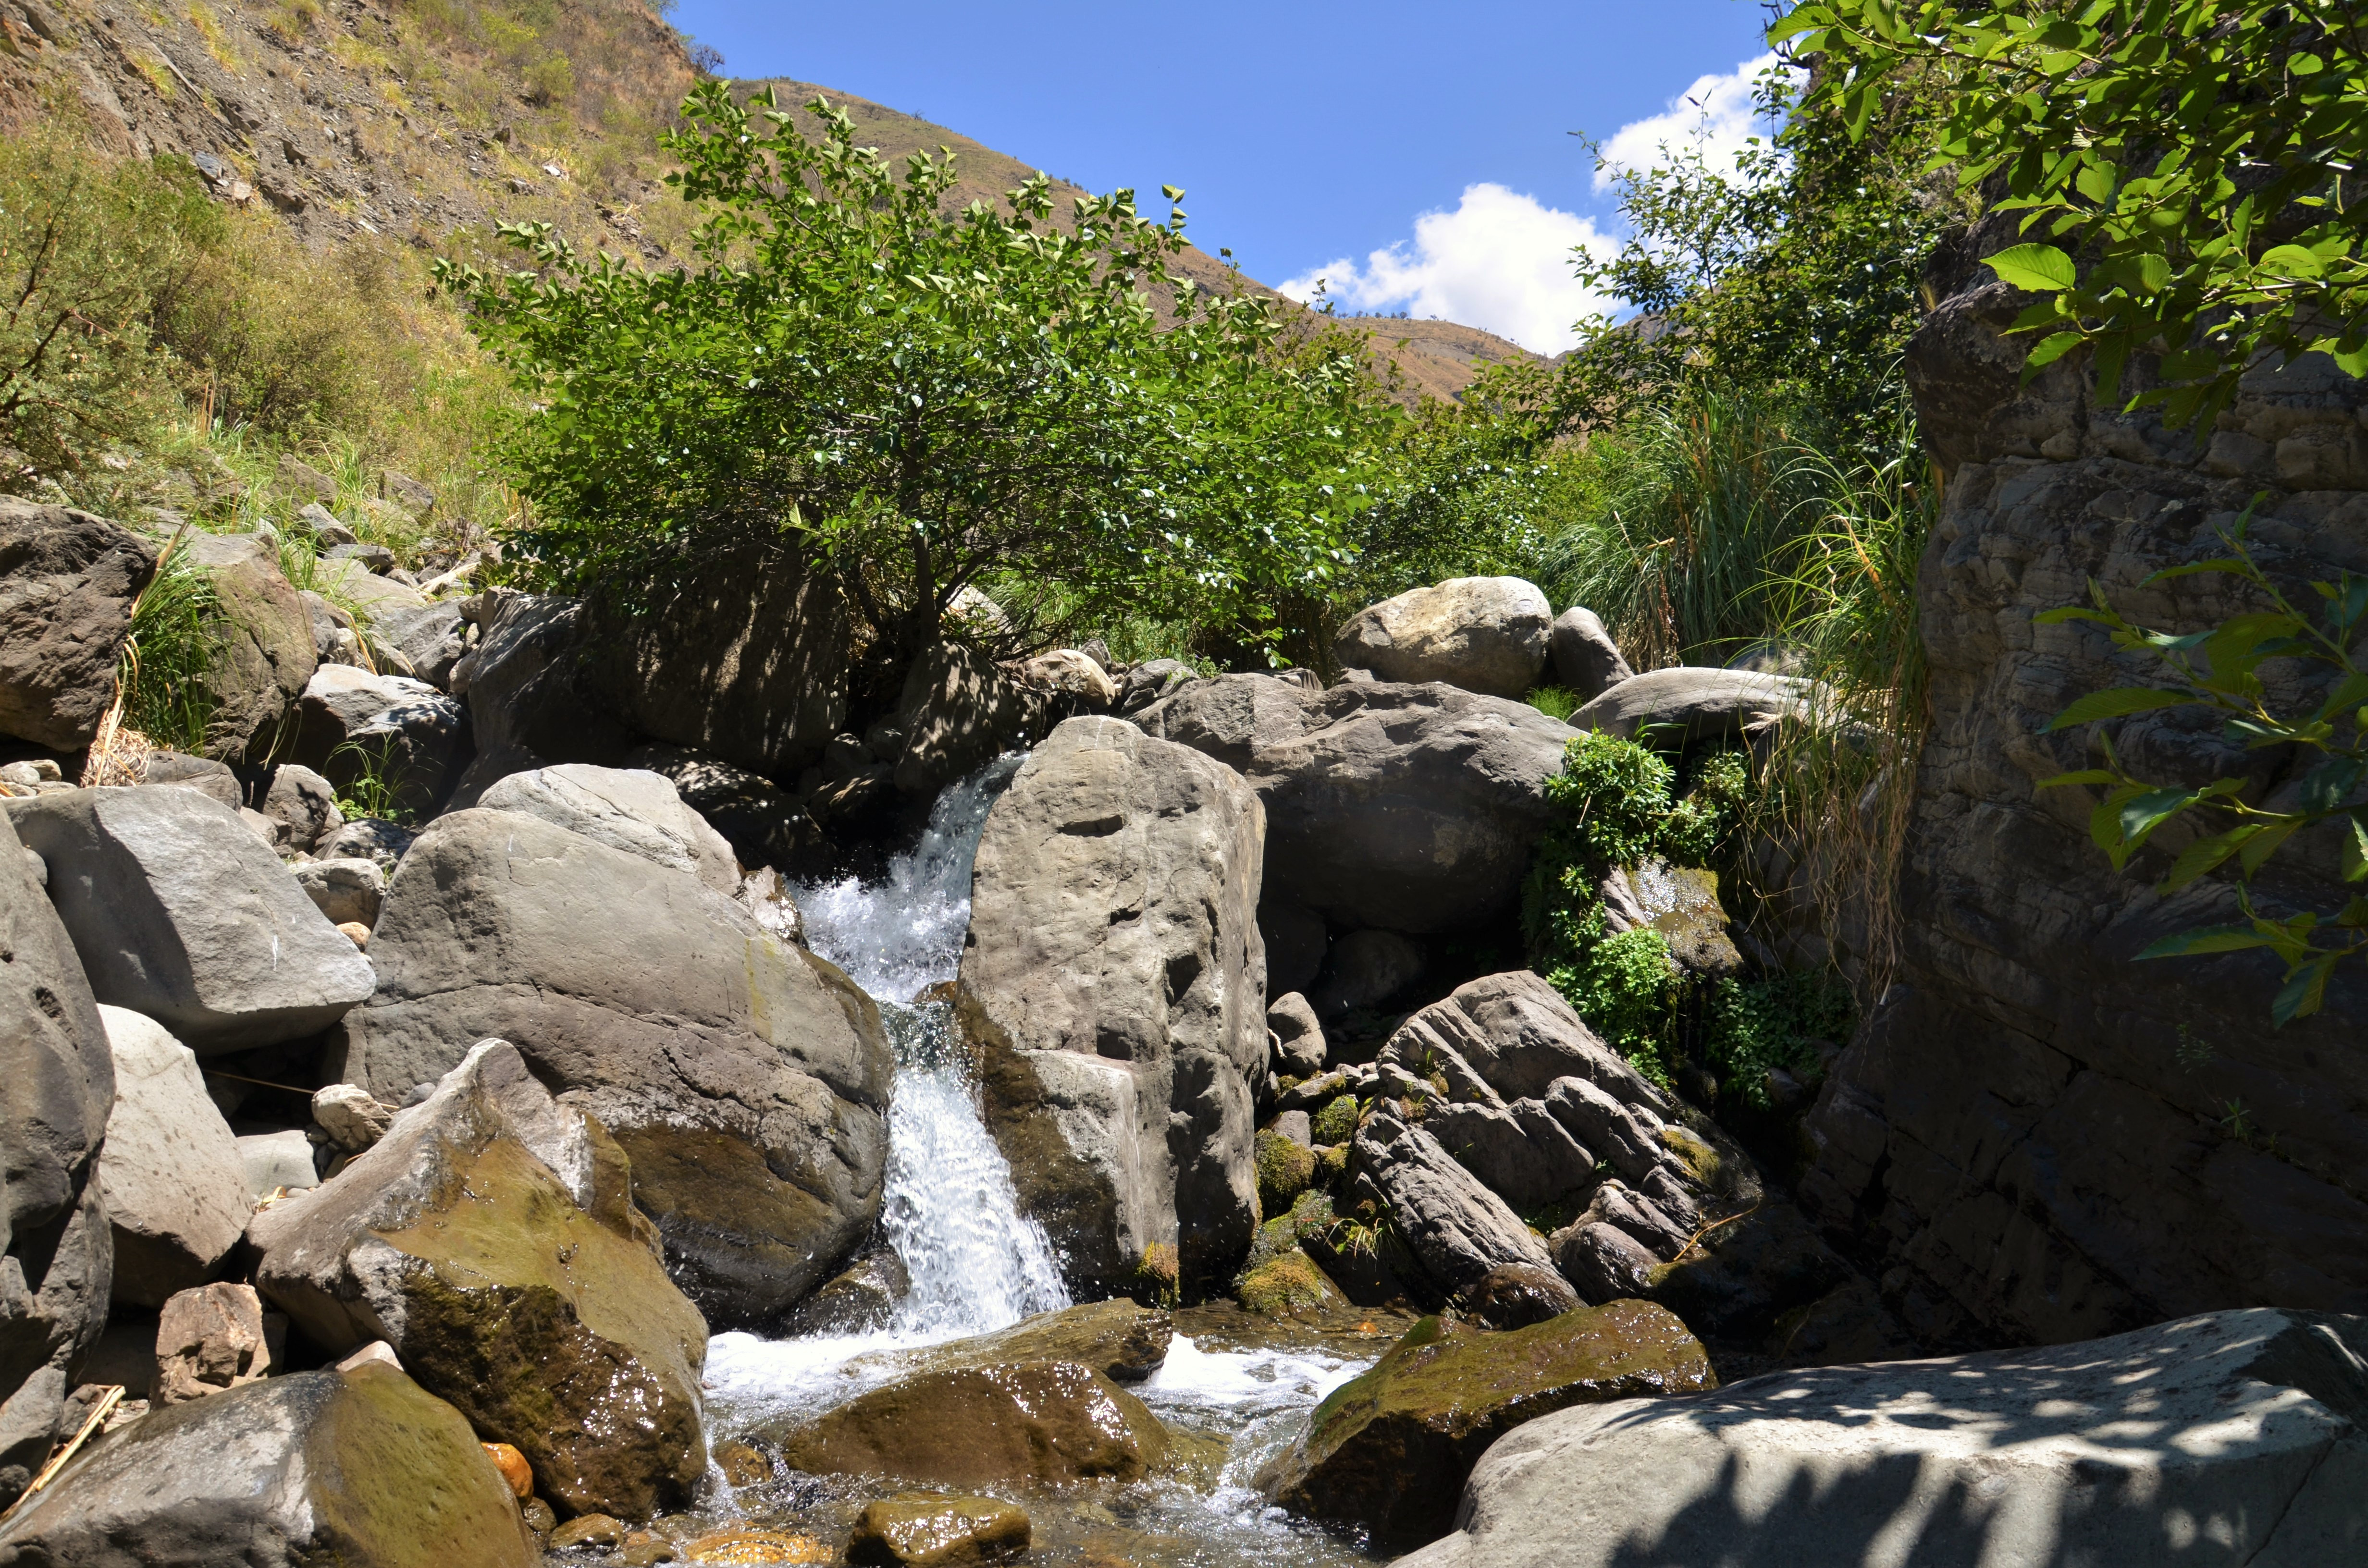 Taquiña Creek